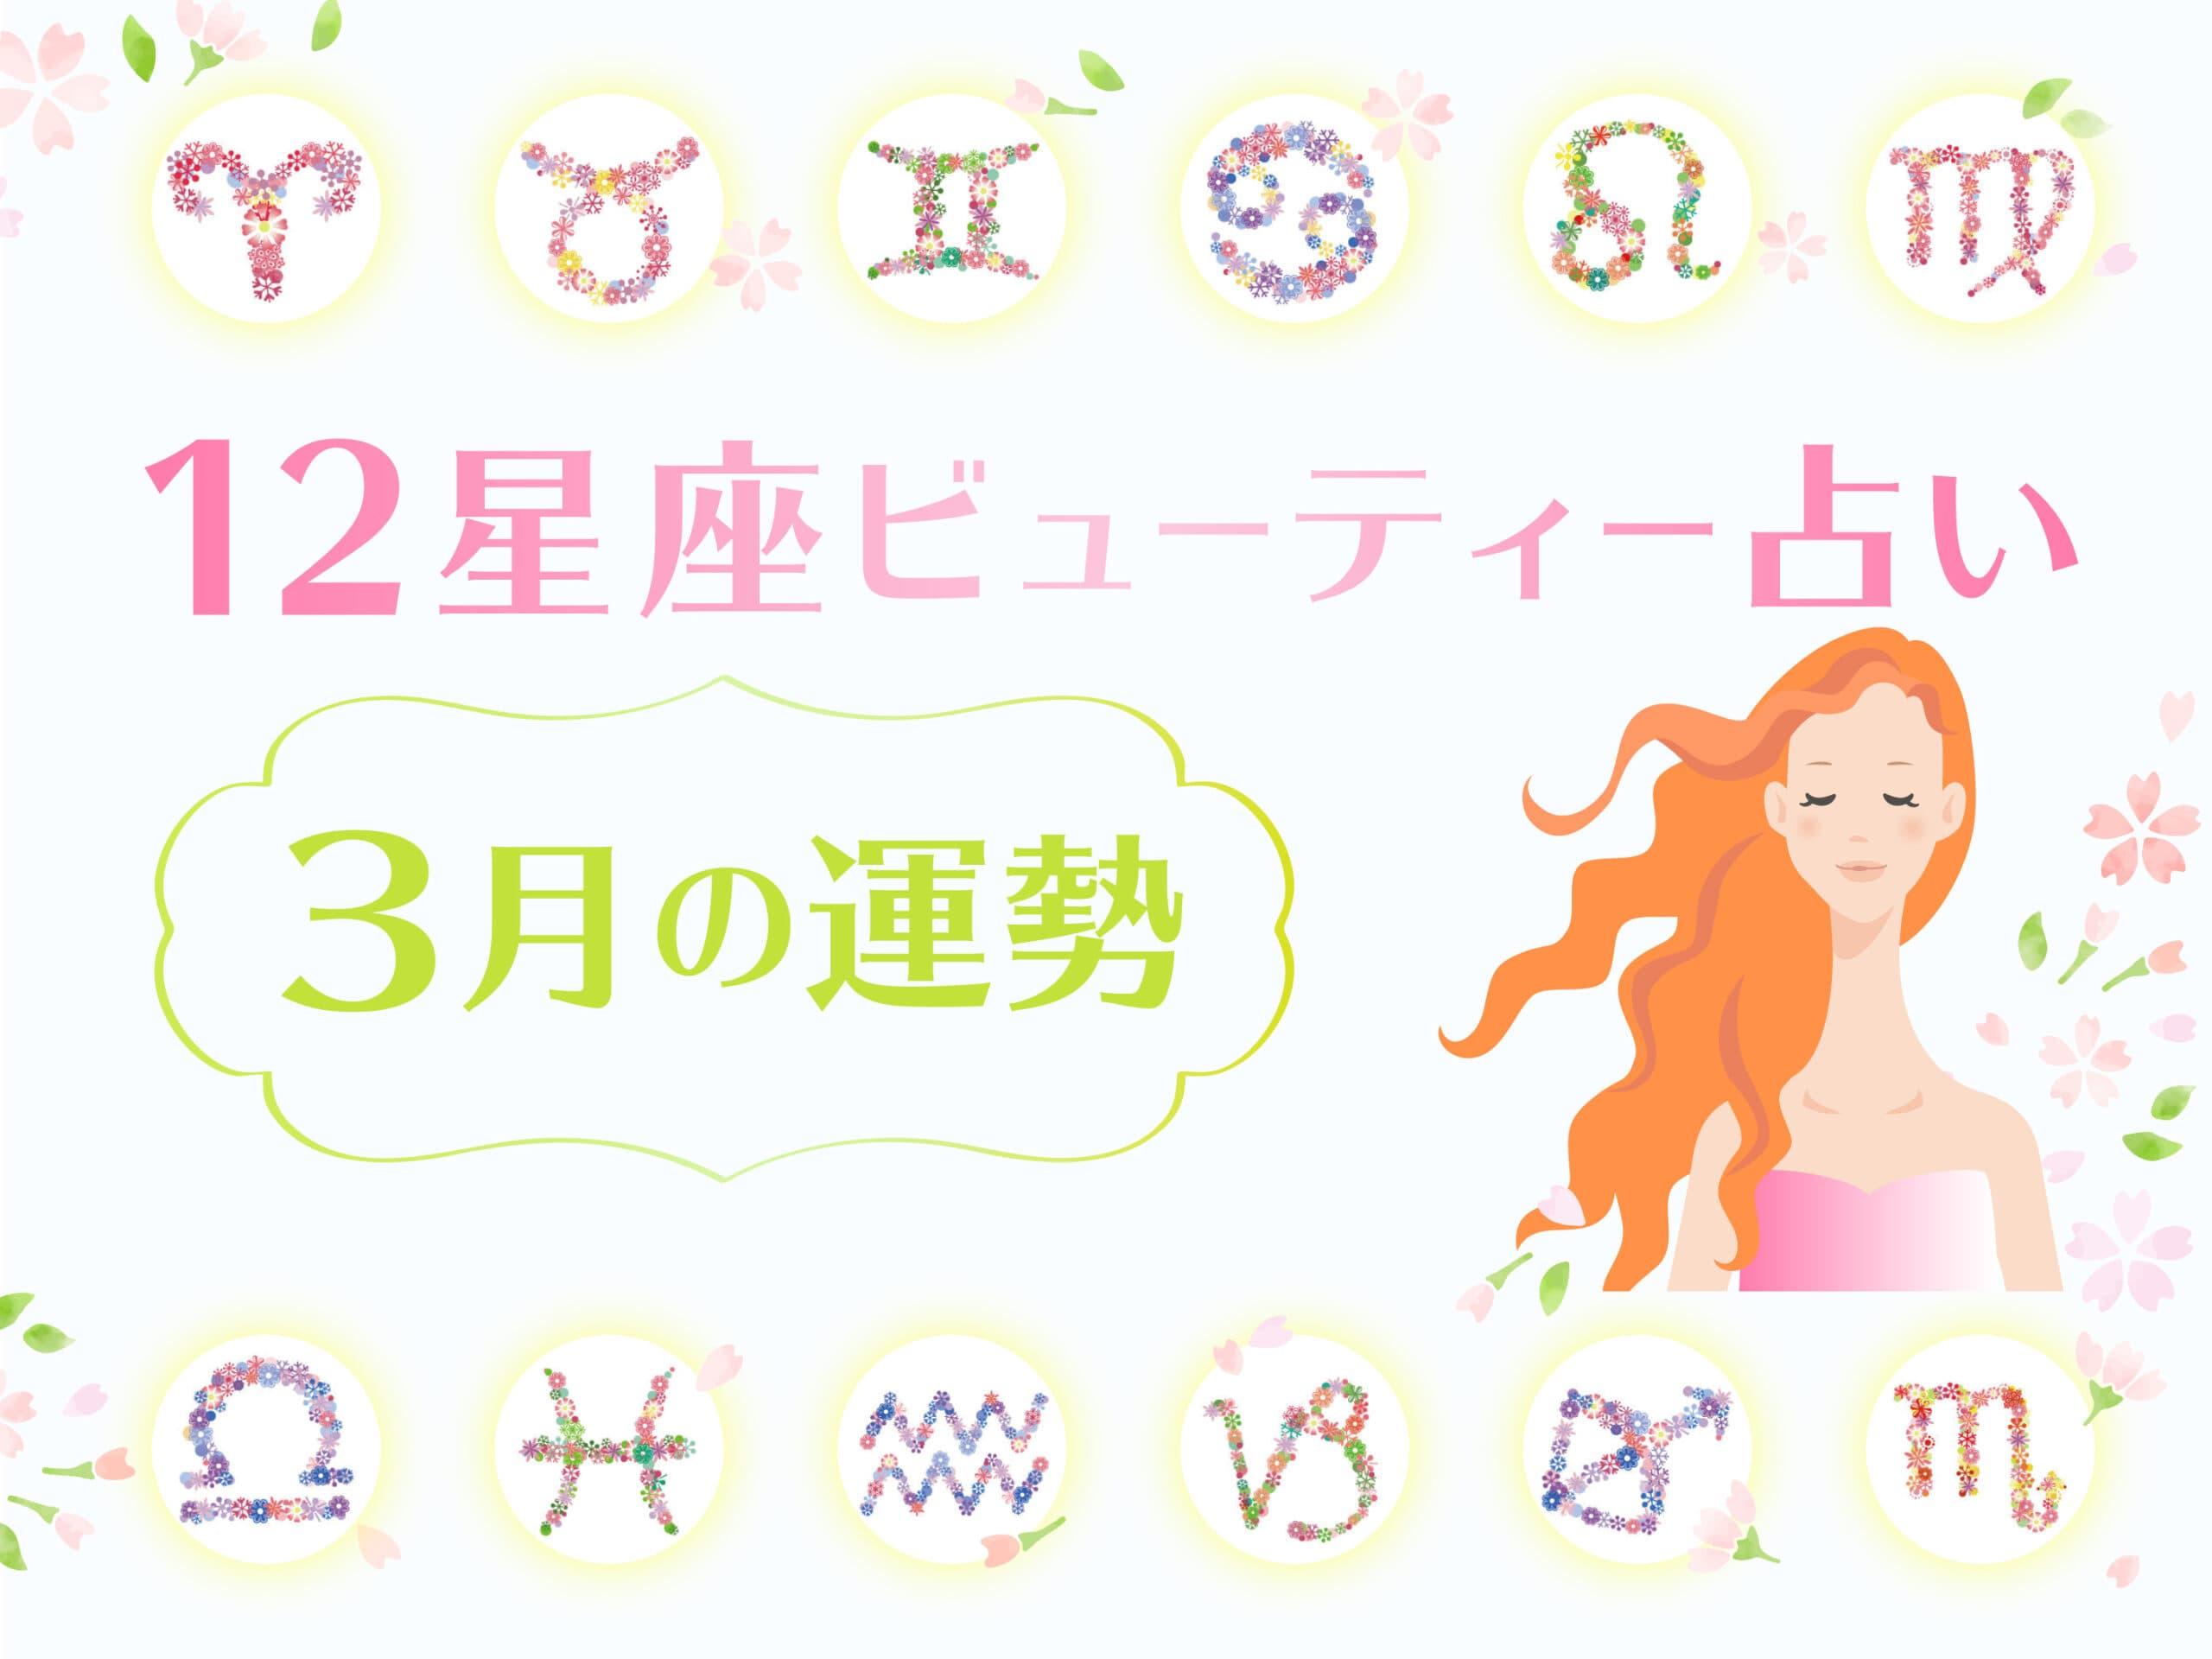 3月の運勢★ビューティー占い★西洋占星術